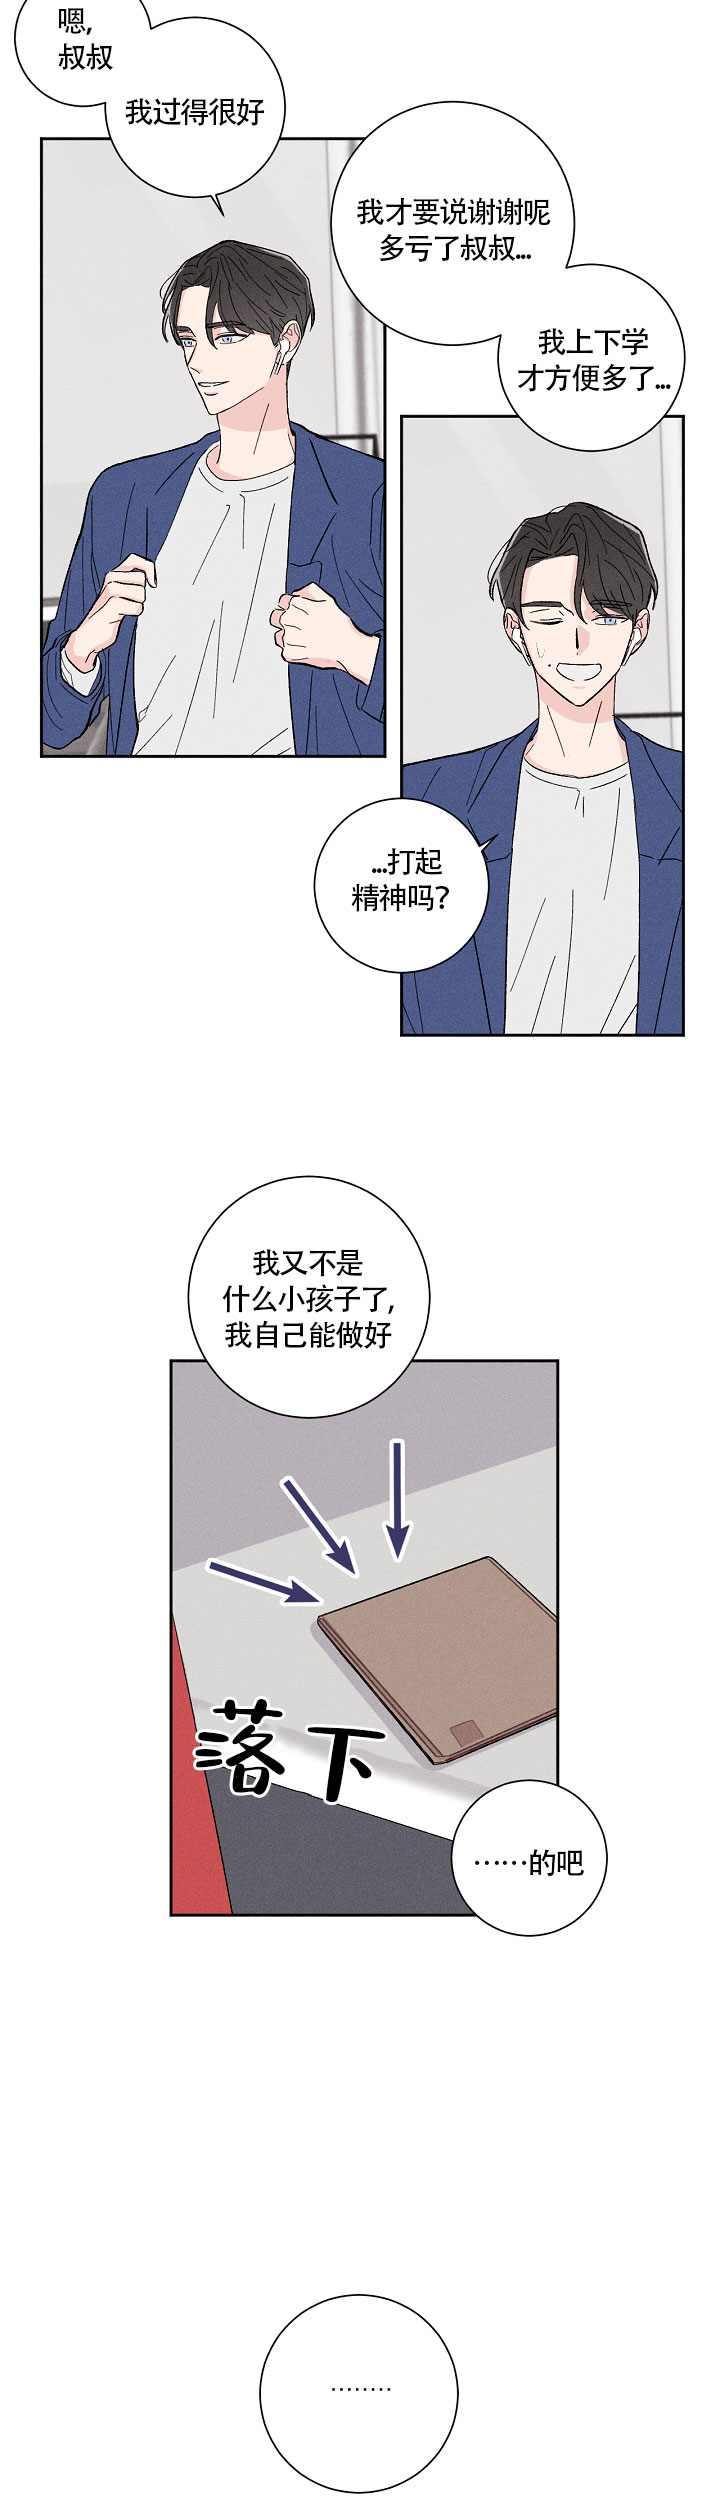 韩漫《邻居是我的命运吗》  被当成了崆峒直男,却总是牵扯不断!